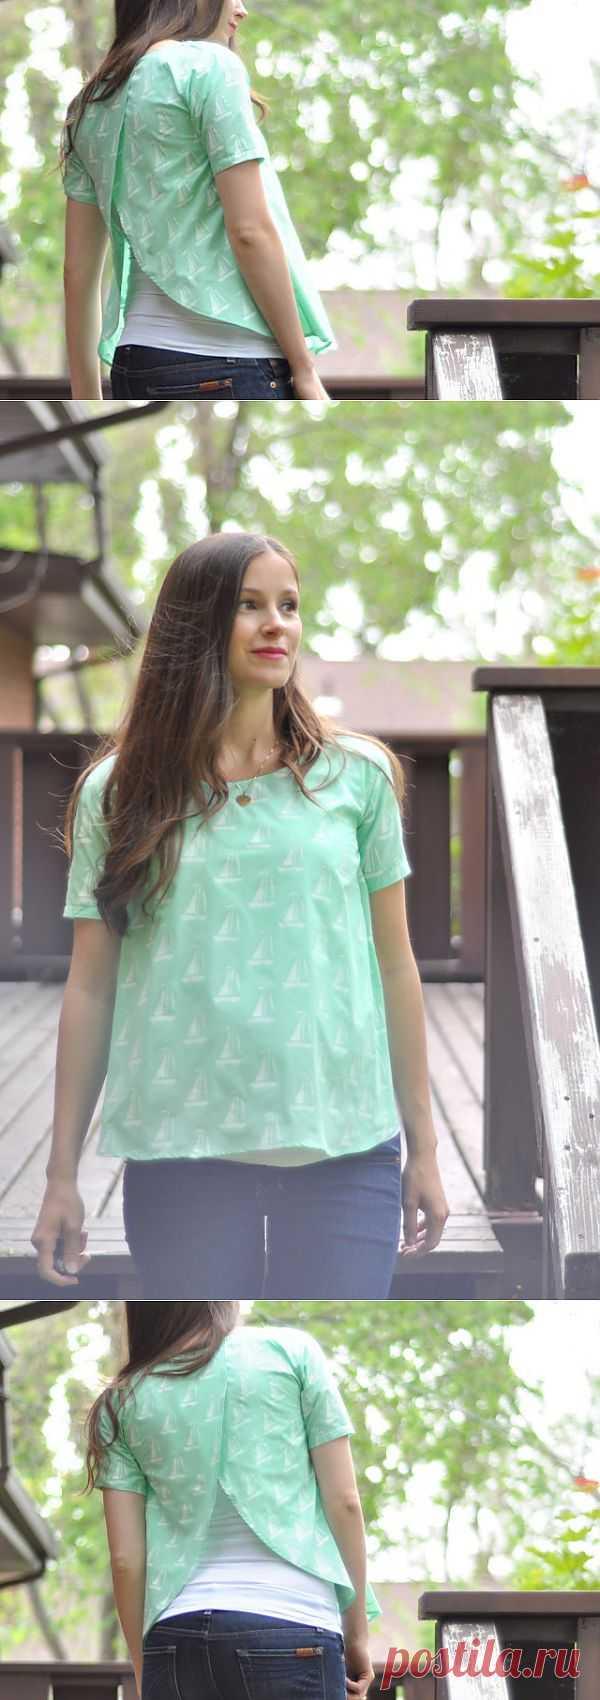 Топ для беременных (мастер-класс) / Будущие мамы / Модный сайт о стильной переделке одежды и интерьера